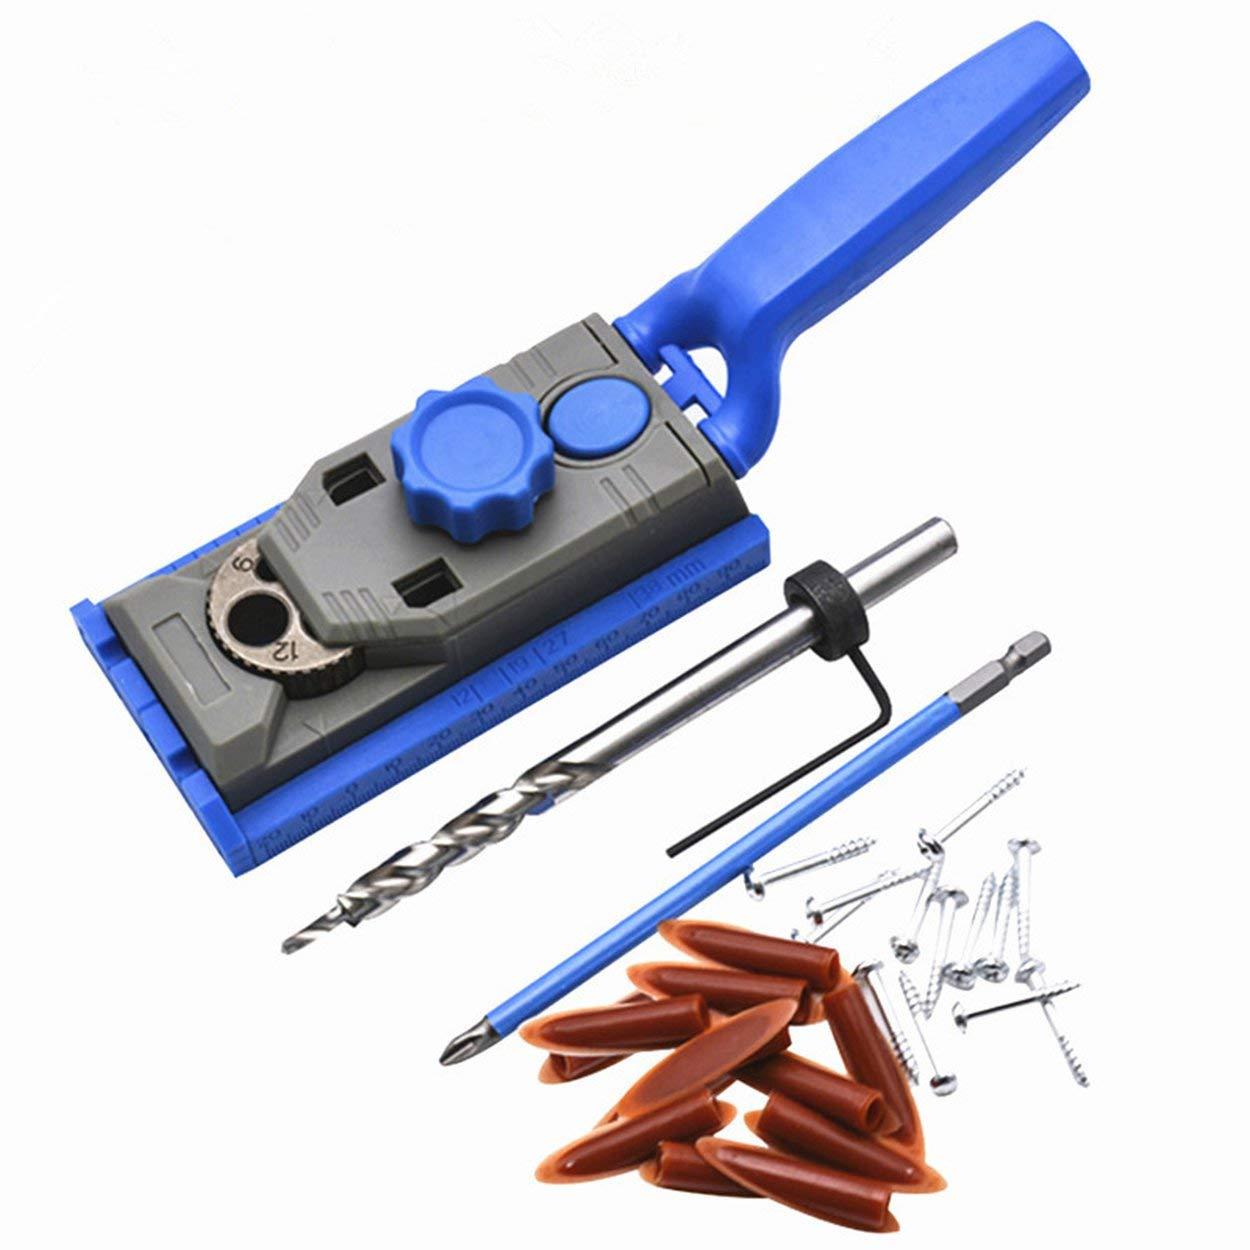 Lofenlli Multifonctionnel Genius Jig 2 in 1 Forage de trou de per/çage pour le bois Localisateur inclin/é pour le bois Kit de gabarit de trou oblique